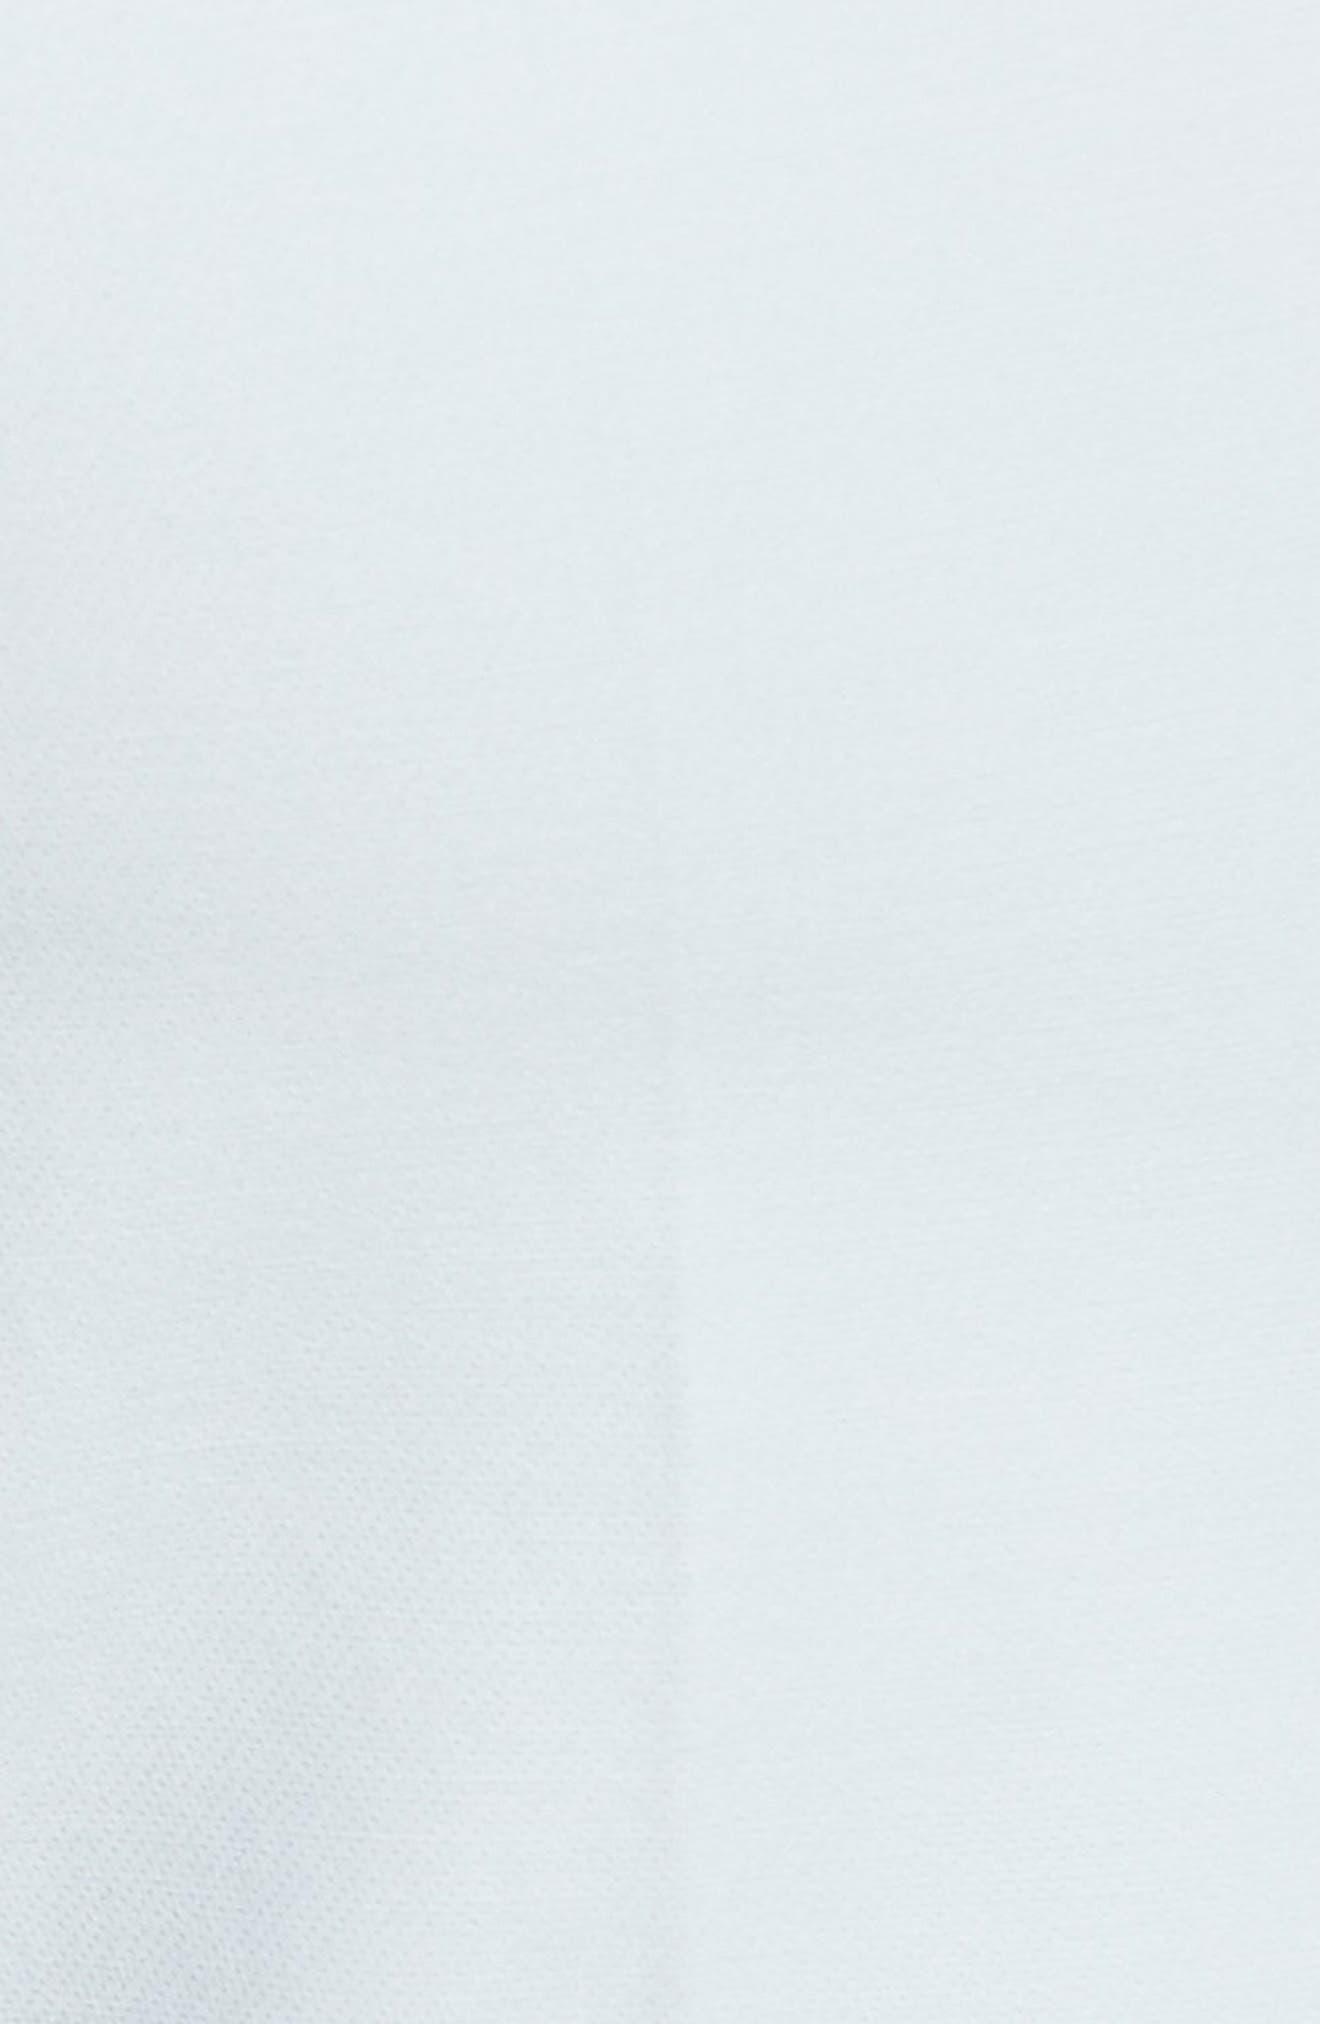 Armani Collezion Tech Cotton Cuff Pants,                             Alternate thumbnail 3, color,                             Cloud